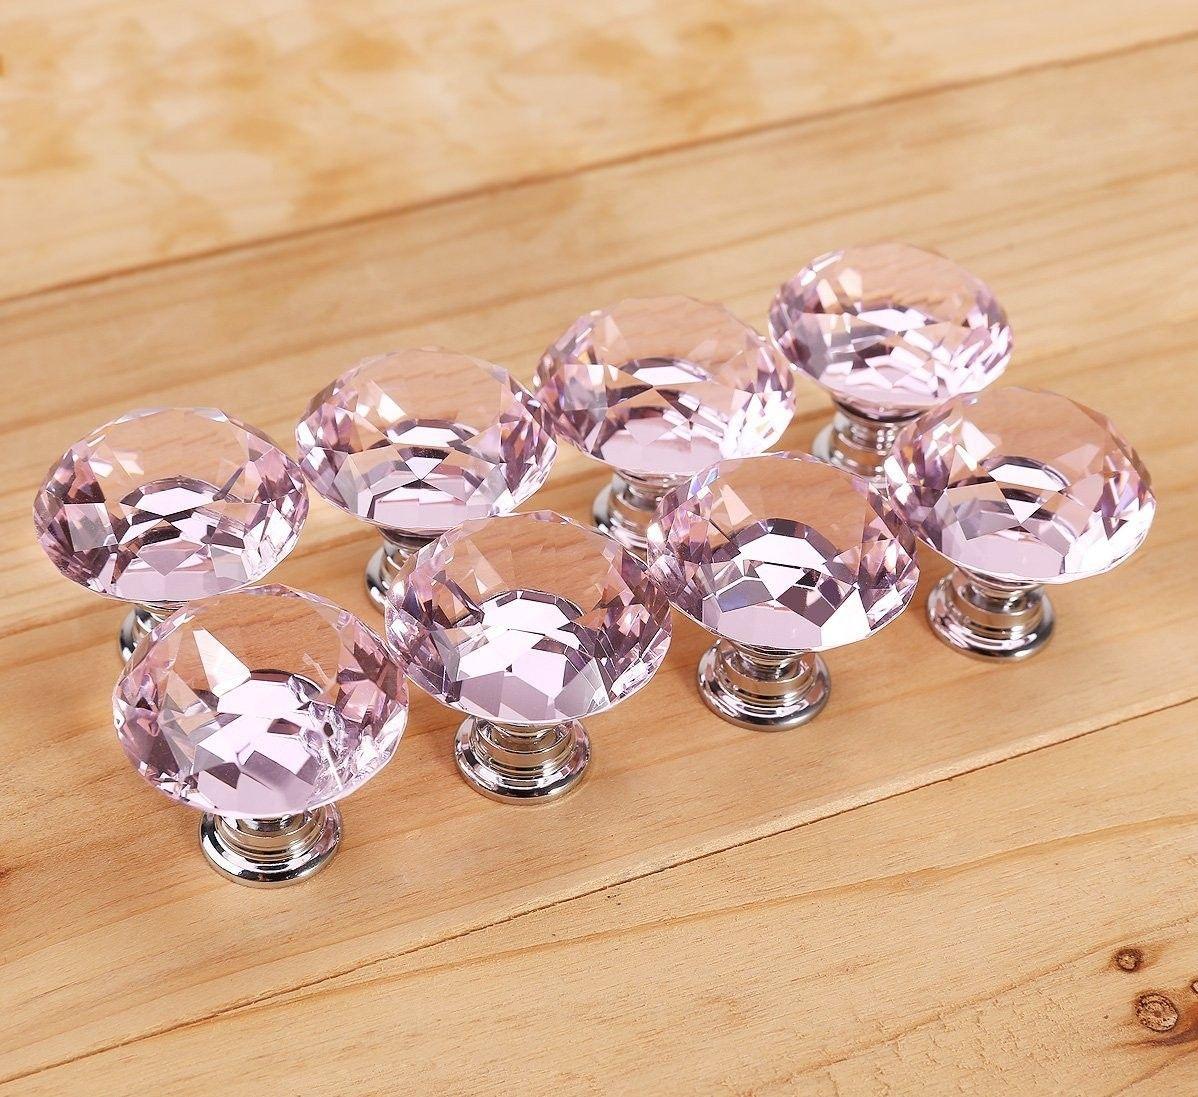 Прозрачный 30 мм тянуть ручку Алмазный Кристалл дверная ручка стеклянная ручка шкафа ящик блестящий полированный хром дверные ручки для шкафа 1 5jxR